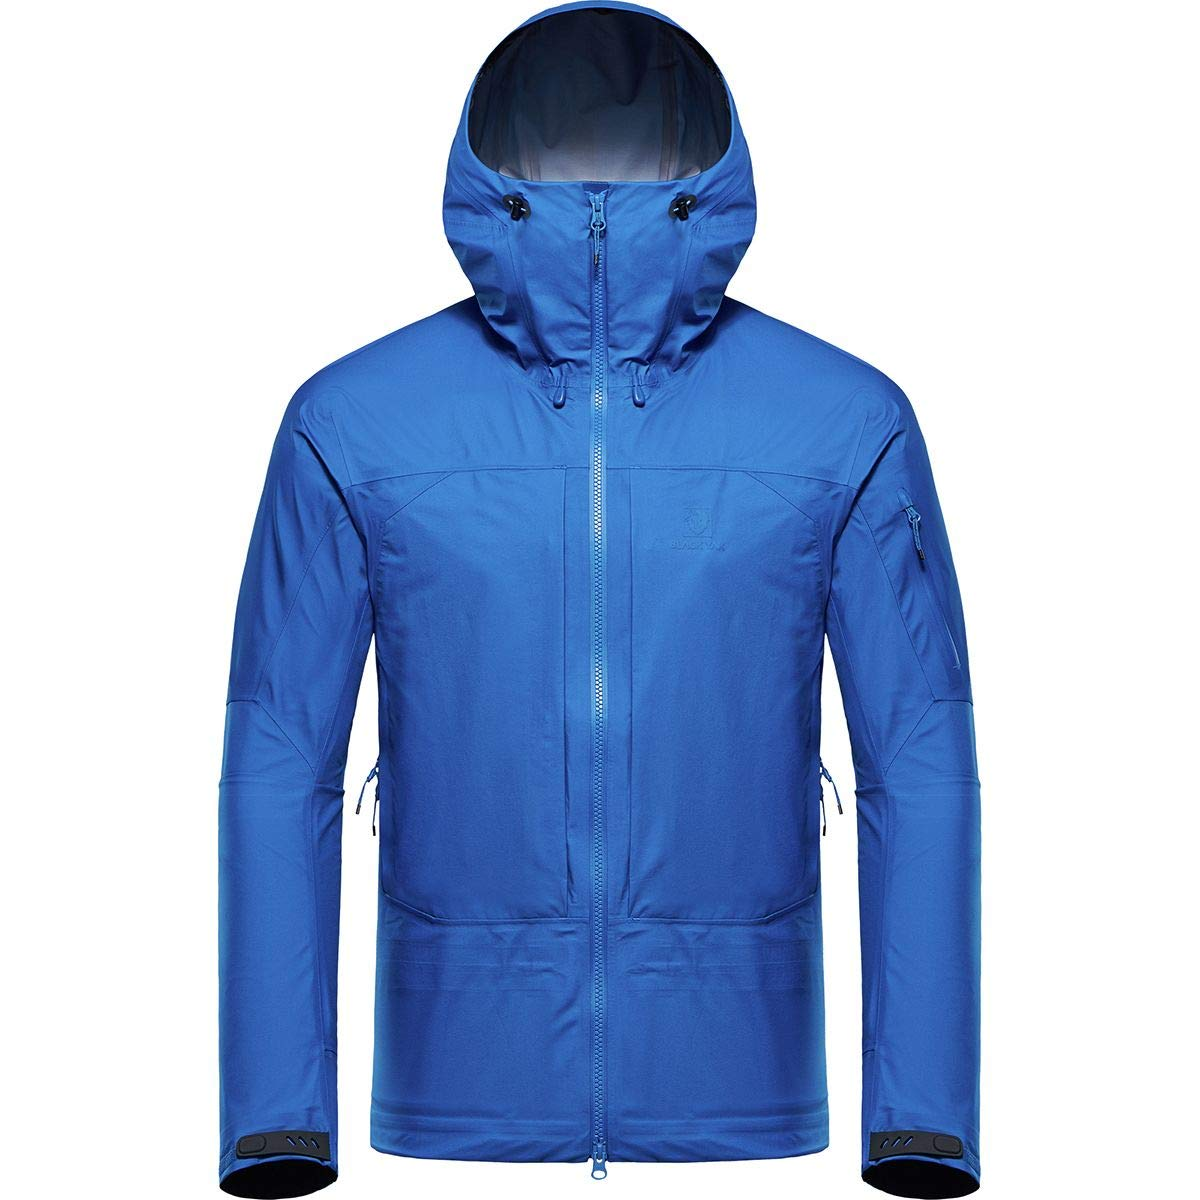 [ブラックヤック] メンズ ジャケット&ブルゾン Brangus Brangus Jacket Jacket [並行輸入品] メンズ B07MT9TPQ2 L, UMライフサポート:573a334b --- m2cweb.com